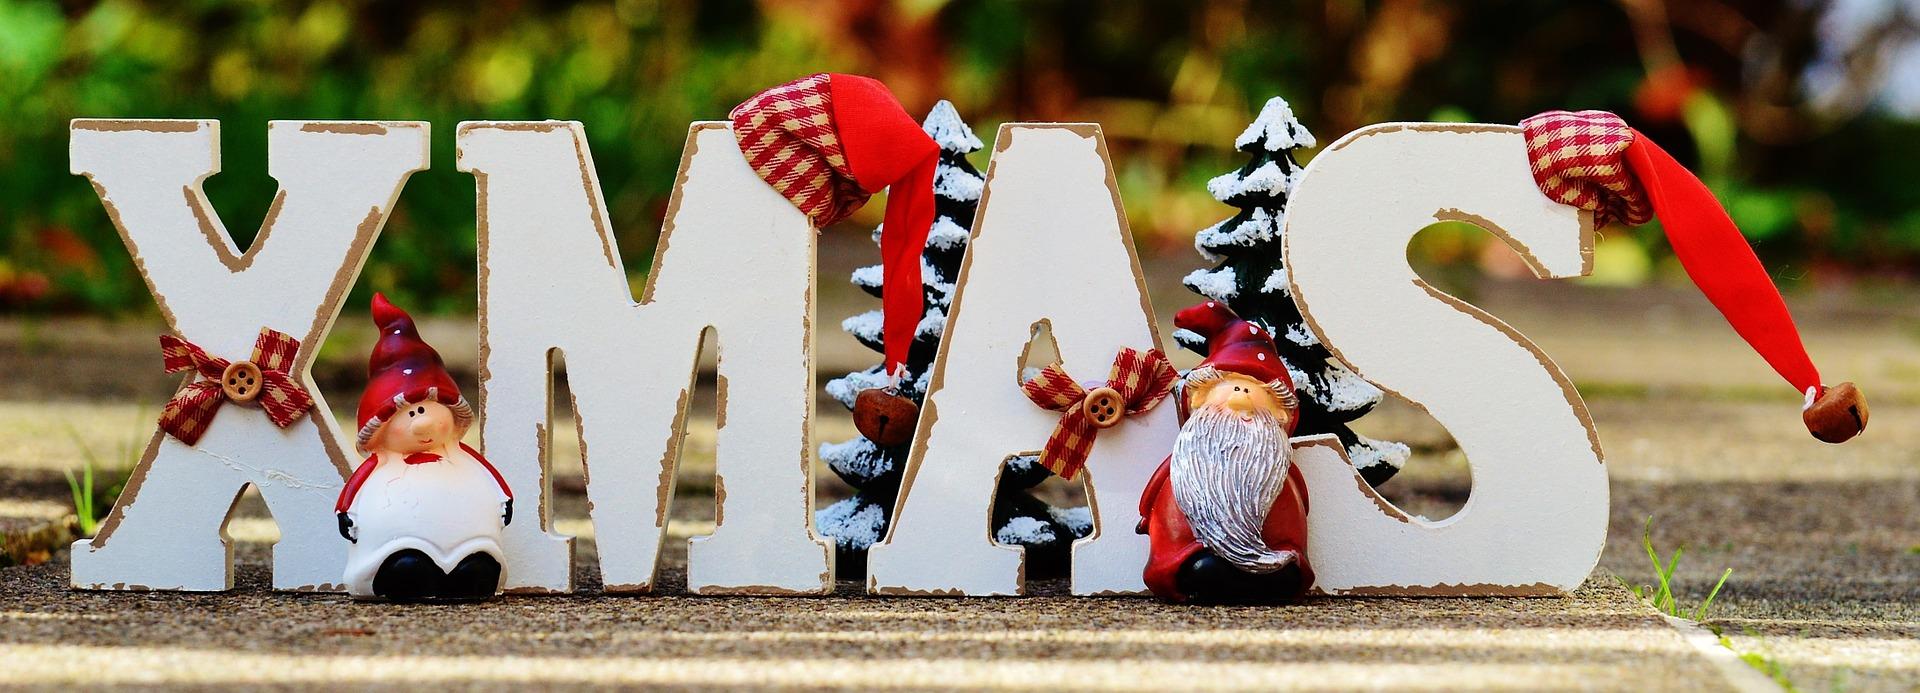 Weihnachtsmotive Für Karten.Weihnachtsmotive Zum Kostenlosen Download Geschenke De